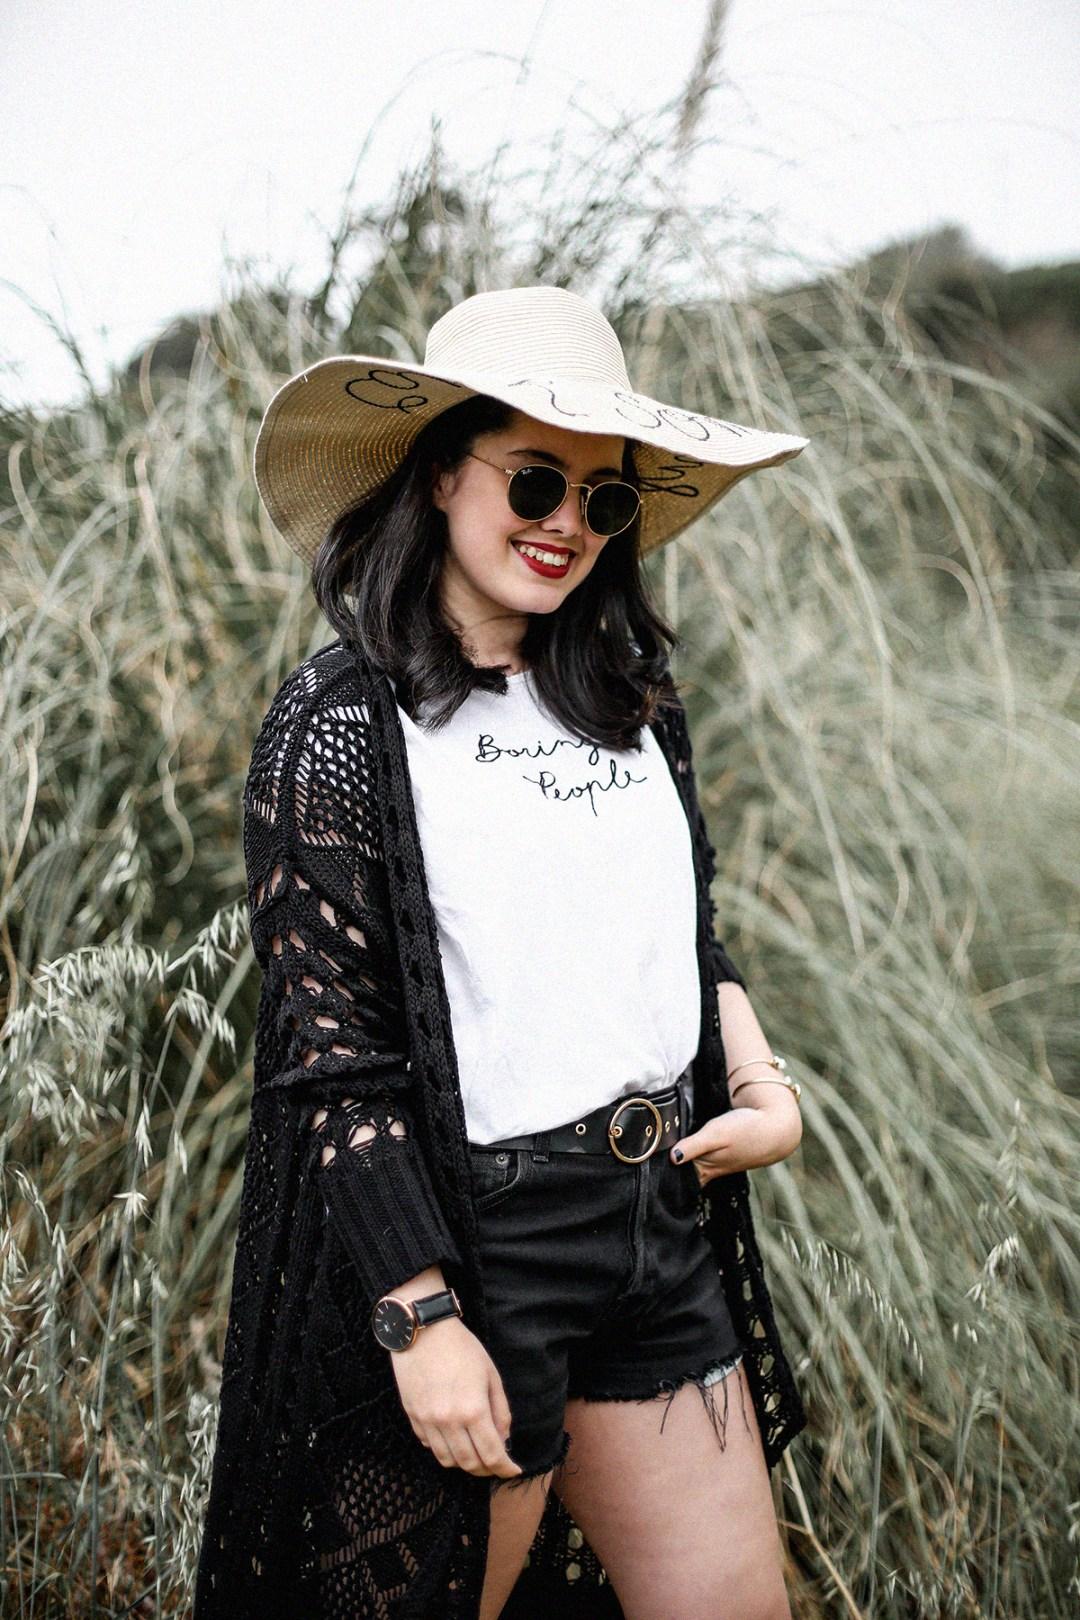 kimono-crochet-negro-levis-shorts-myblueberrynightsblog3